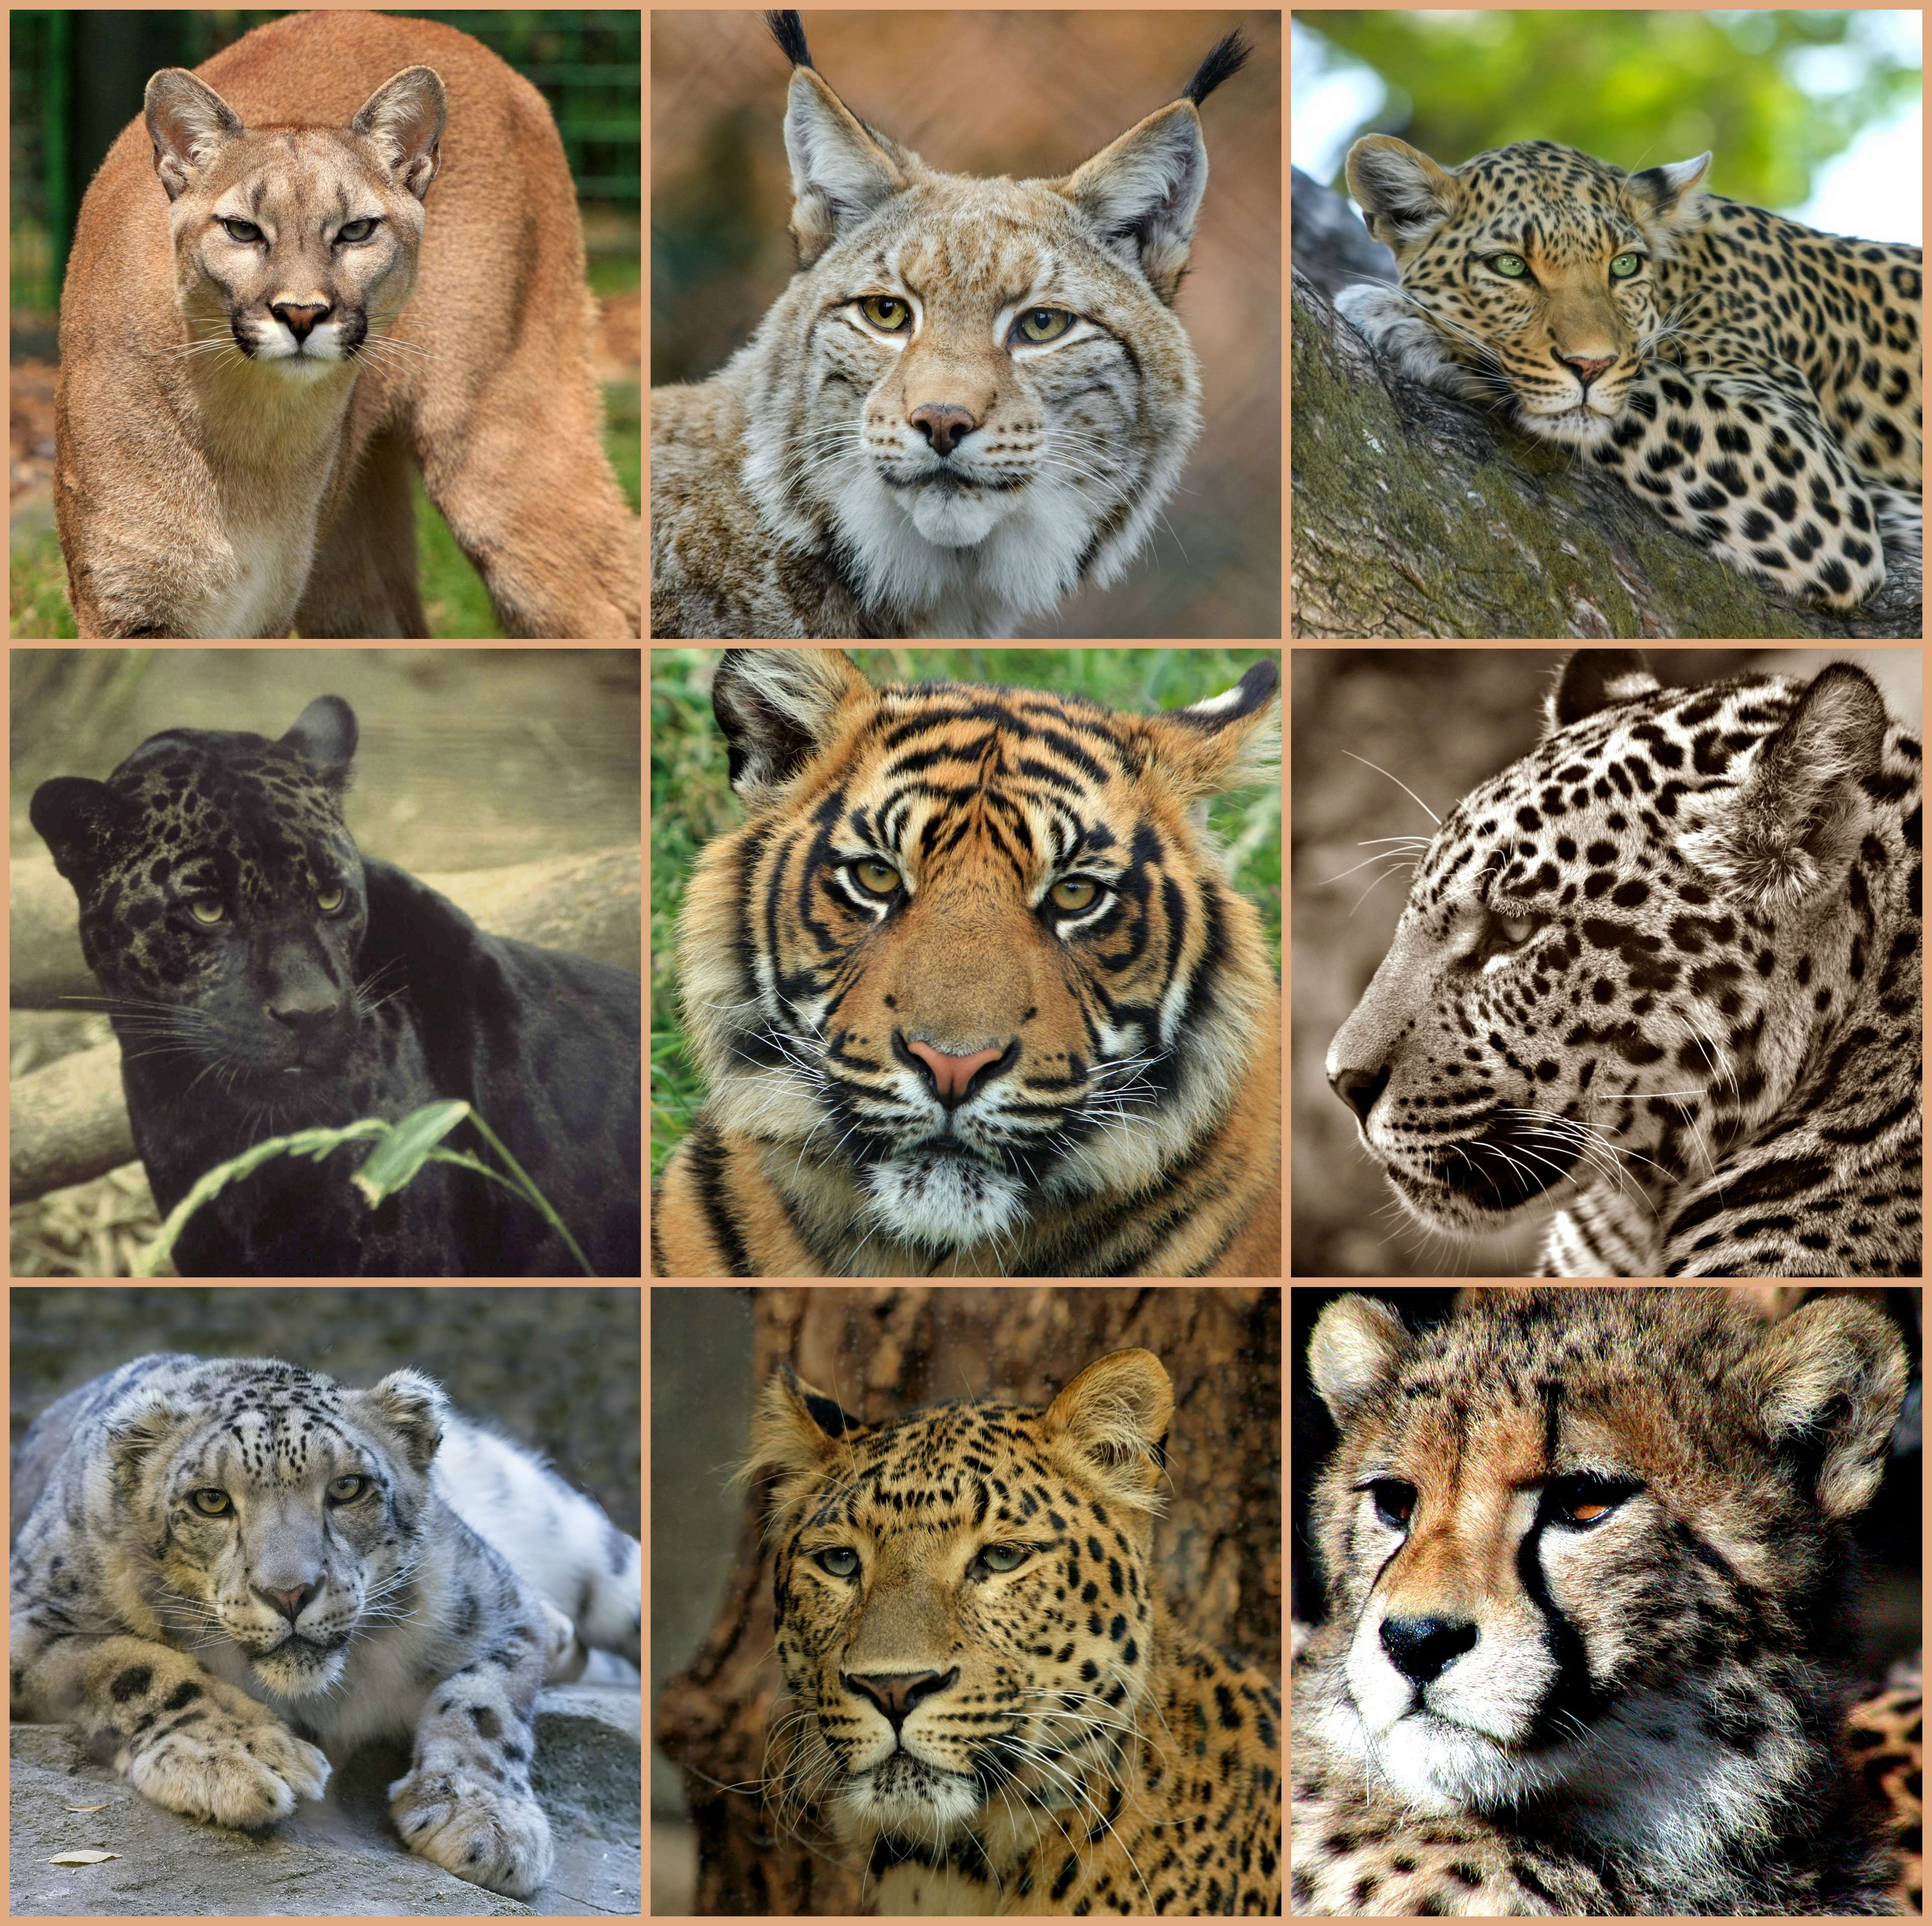 Домики для кошки (70 фото): большие кошачьи домики-лежанки, мягкие игровые модели для кота, высокие плетеные домики, подвесные двухэтажные варианты из дерева